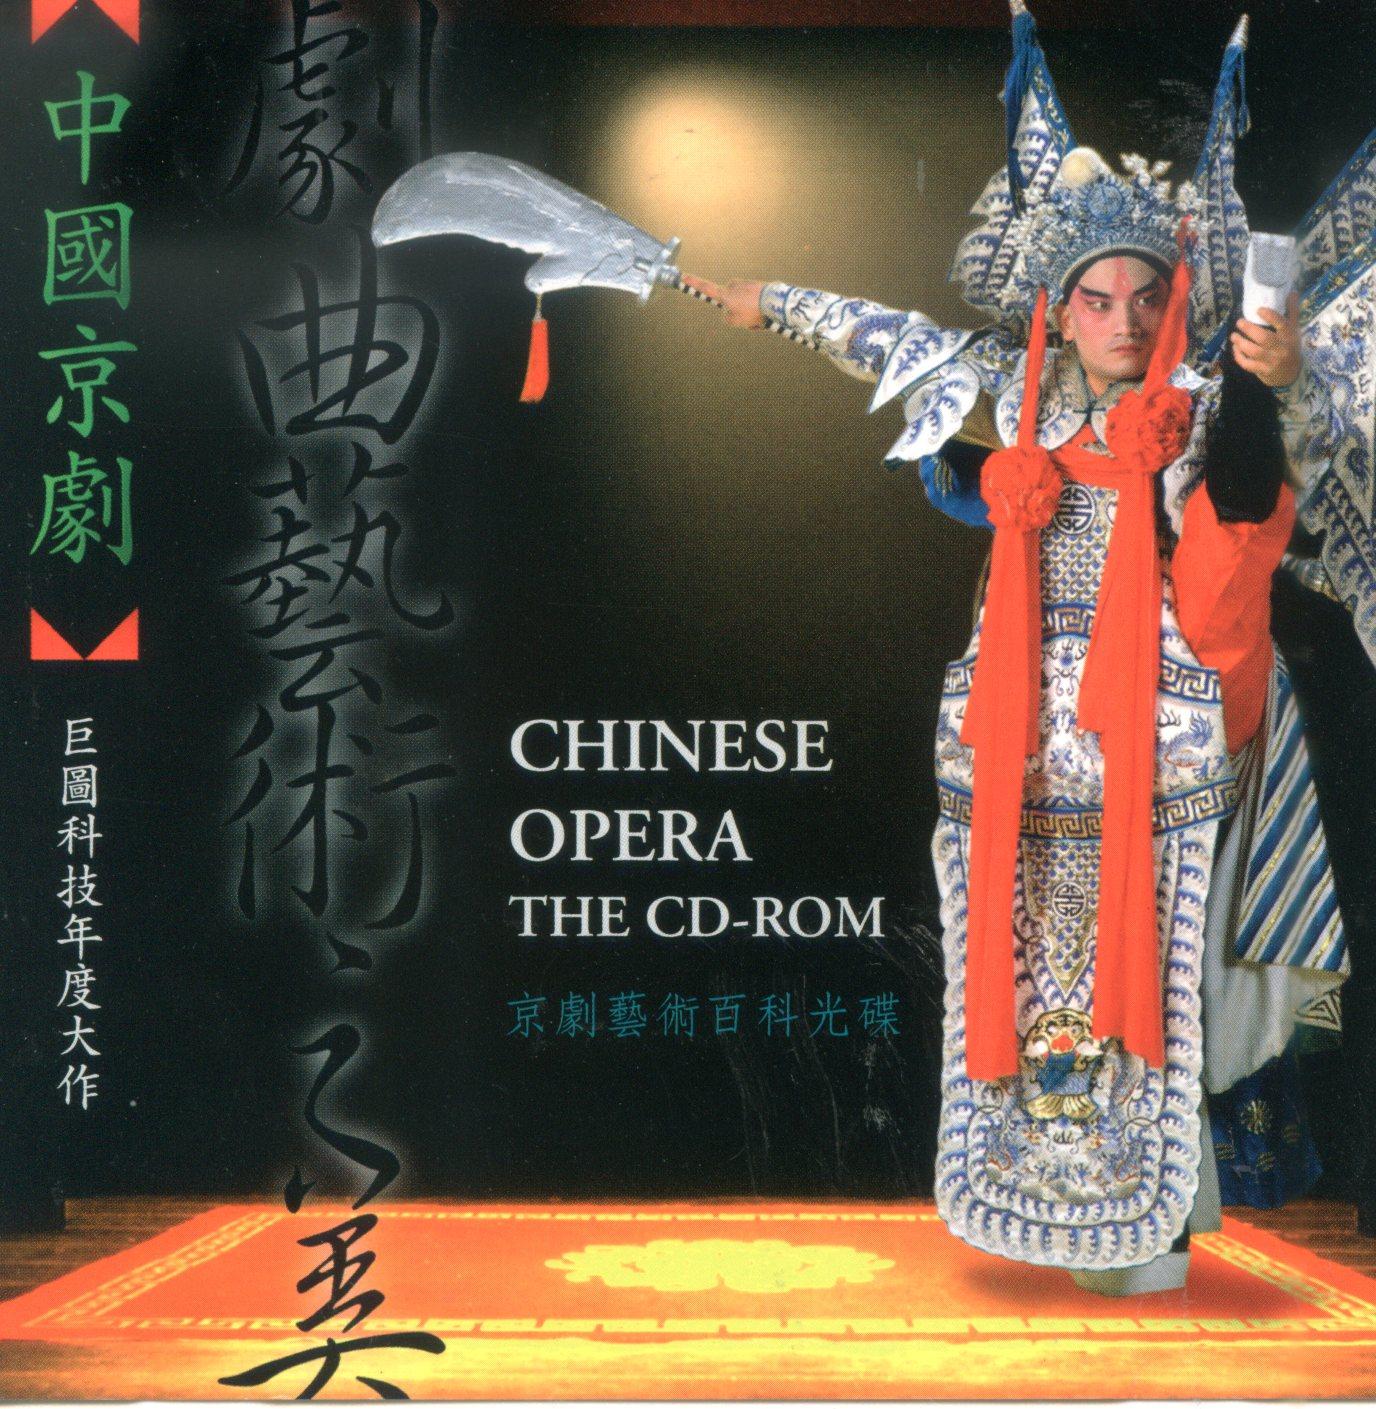 戲曲藝術之美 中國京劇 = Chinese opera the CD-ROM /